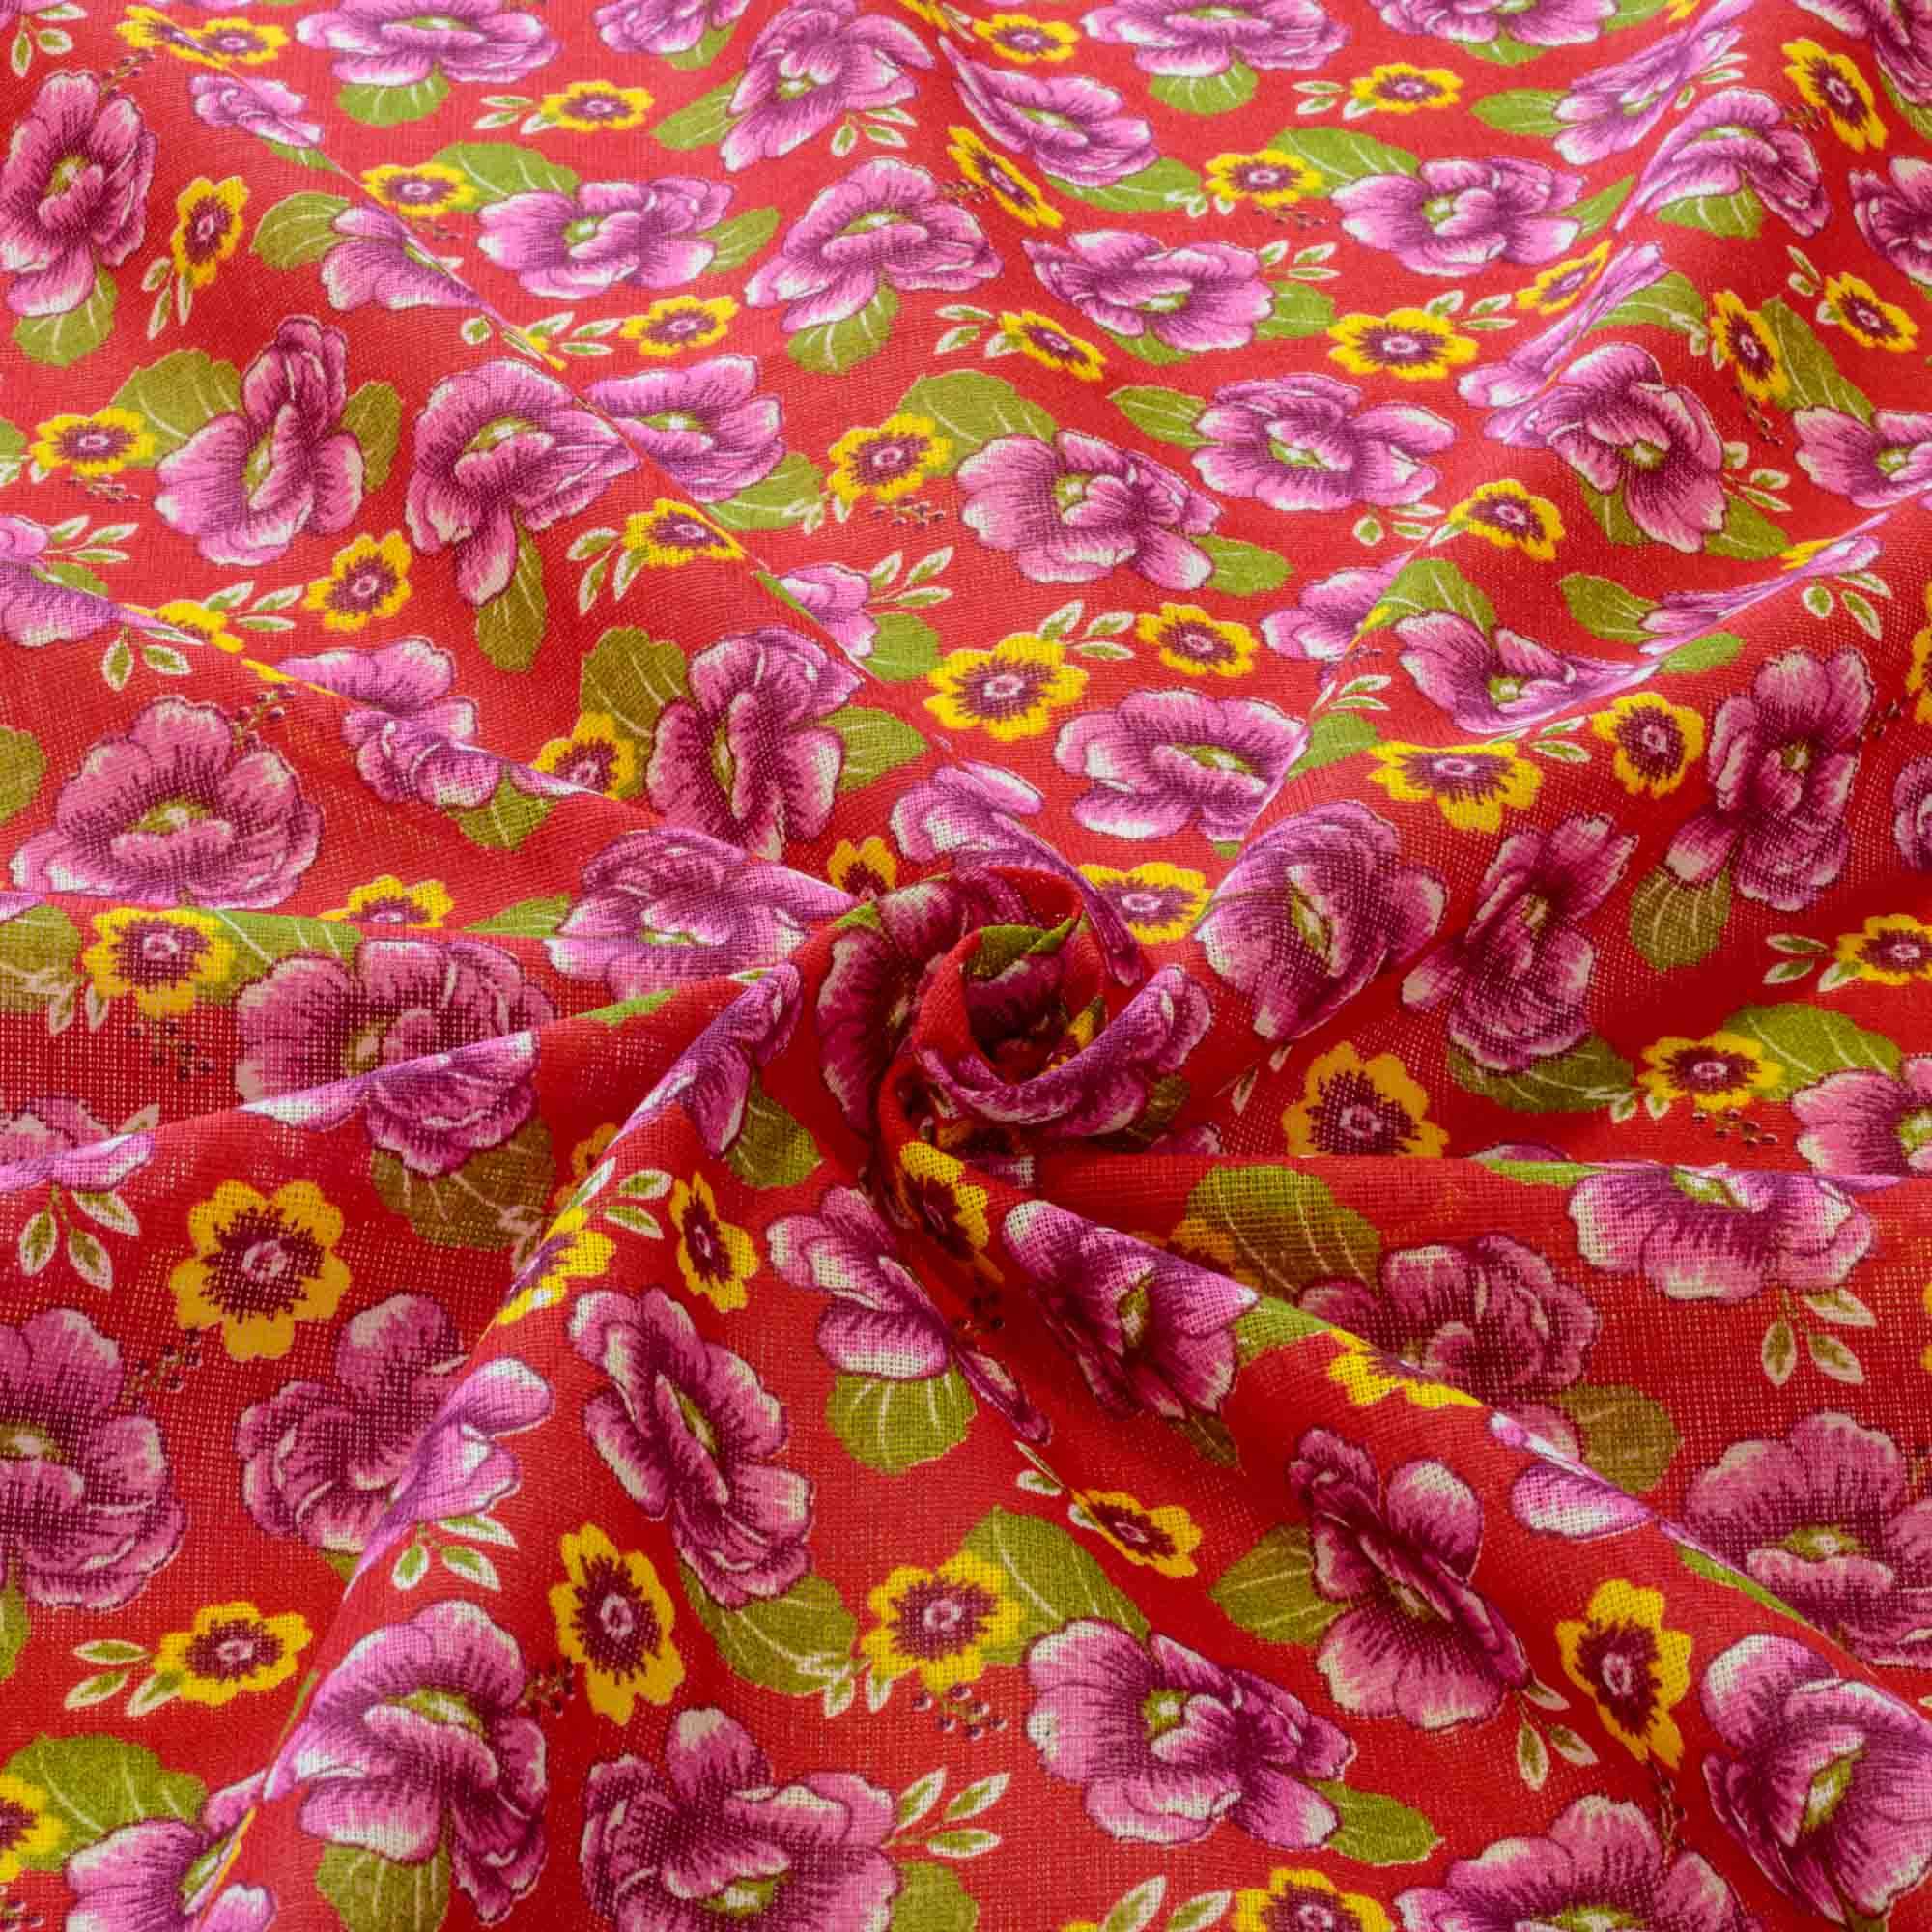 Tecido Chita Estampada Flor Roxa 100% Algodão Fundo Vermelho